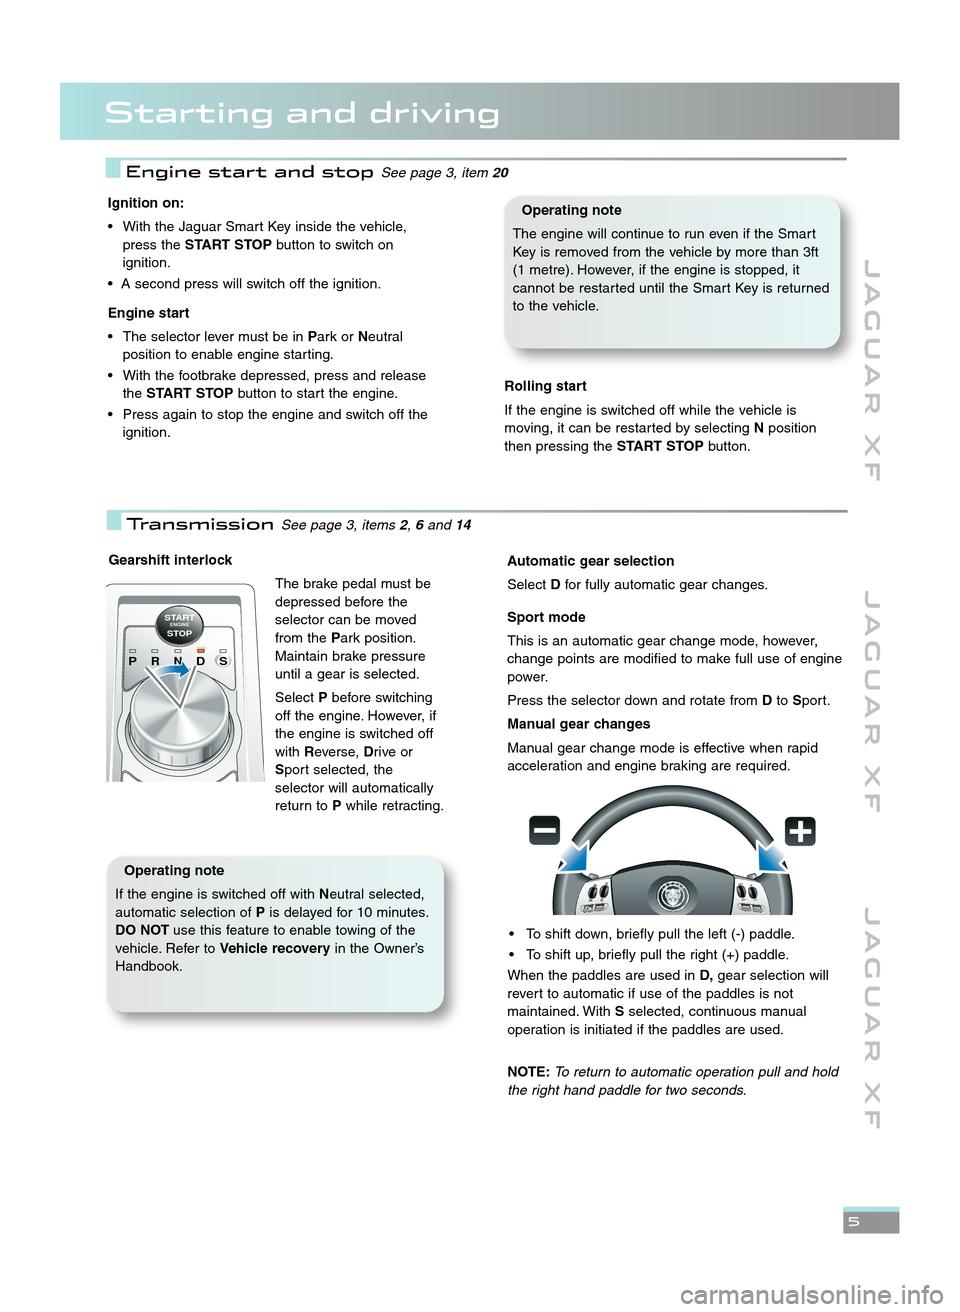 2012 jaguar xf owners manual